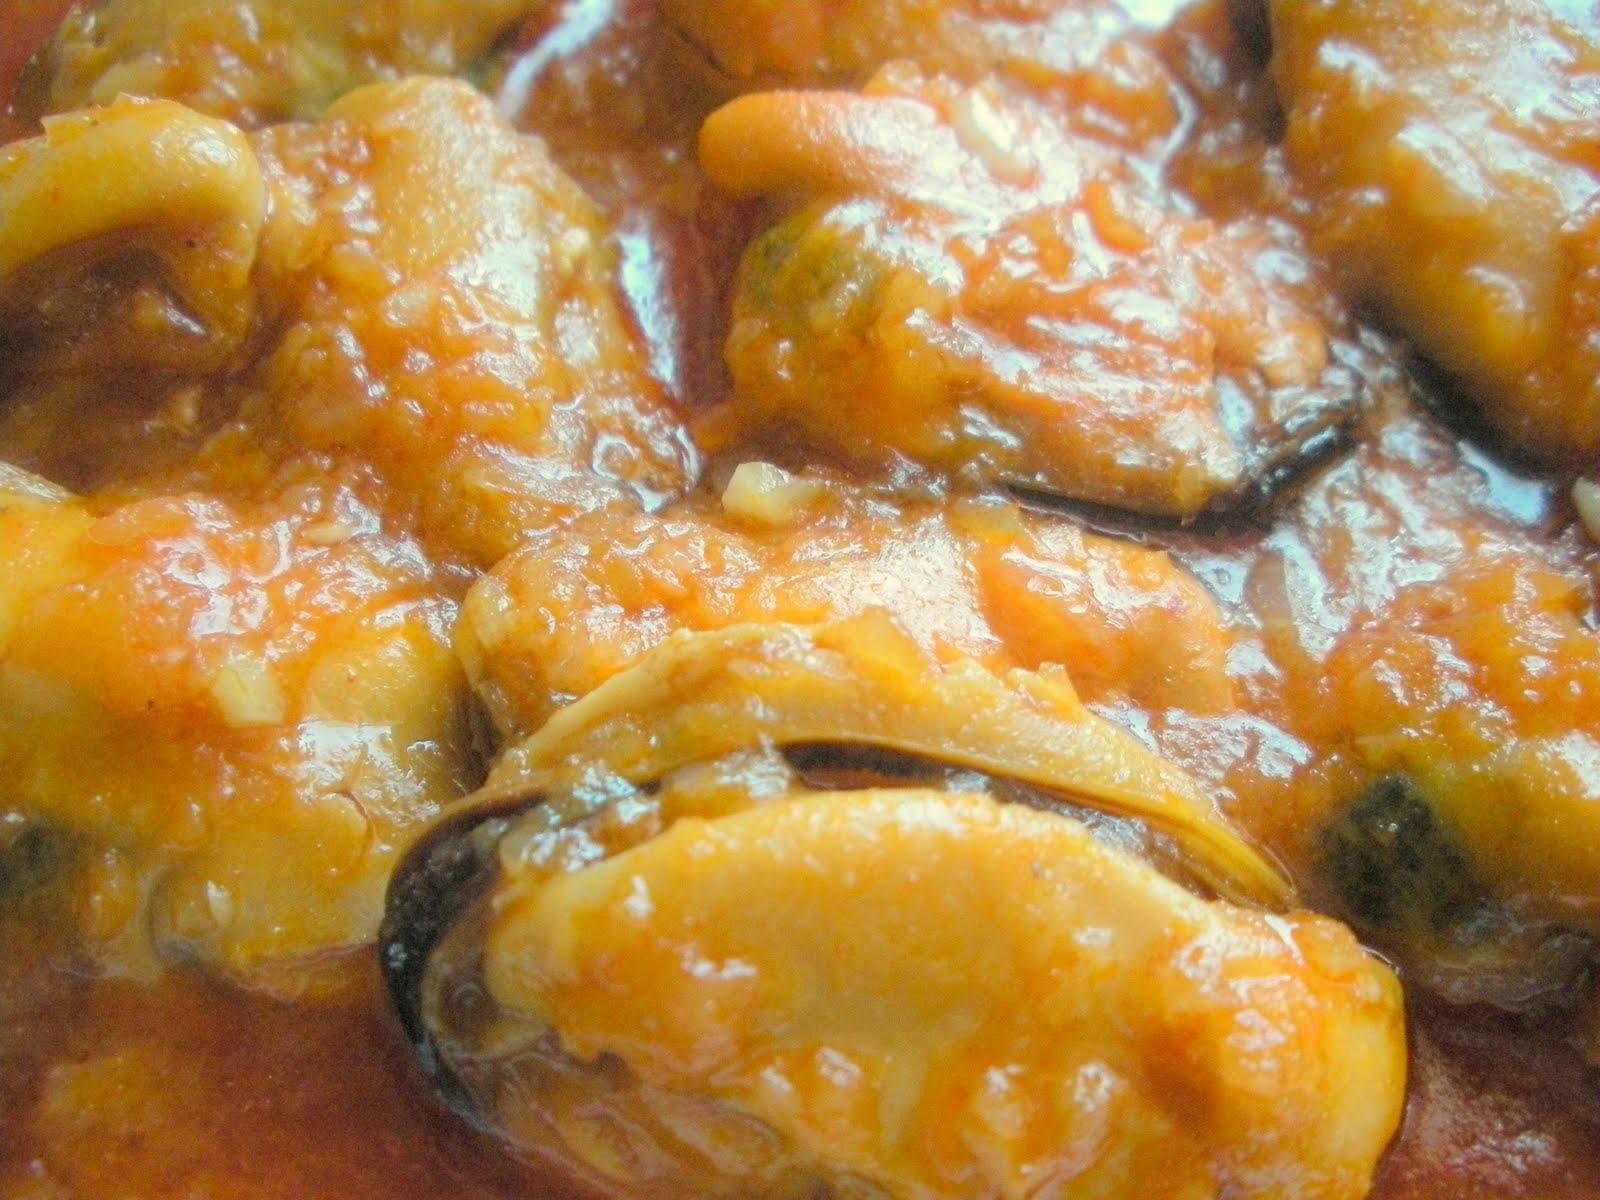 Aqu se cocina mejillones en salsa for Cocinar mejillones en salsa